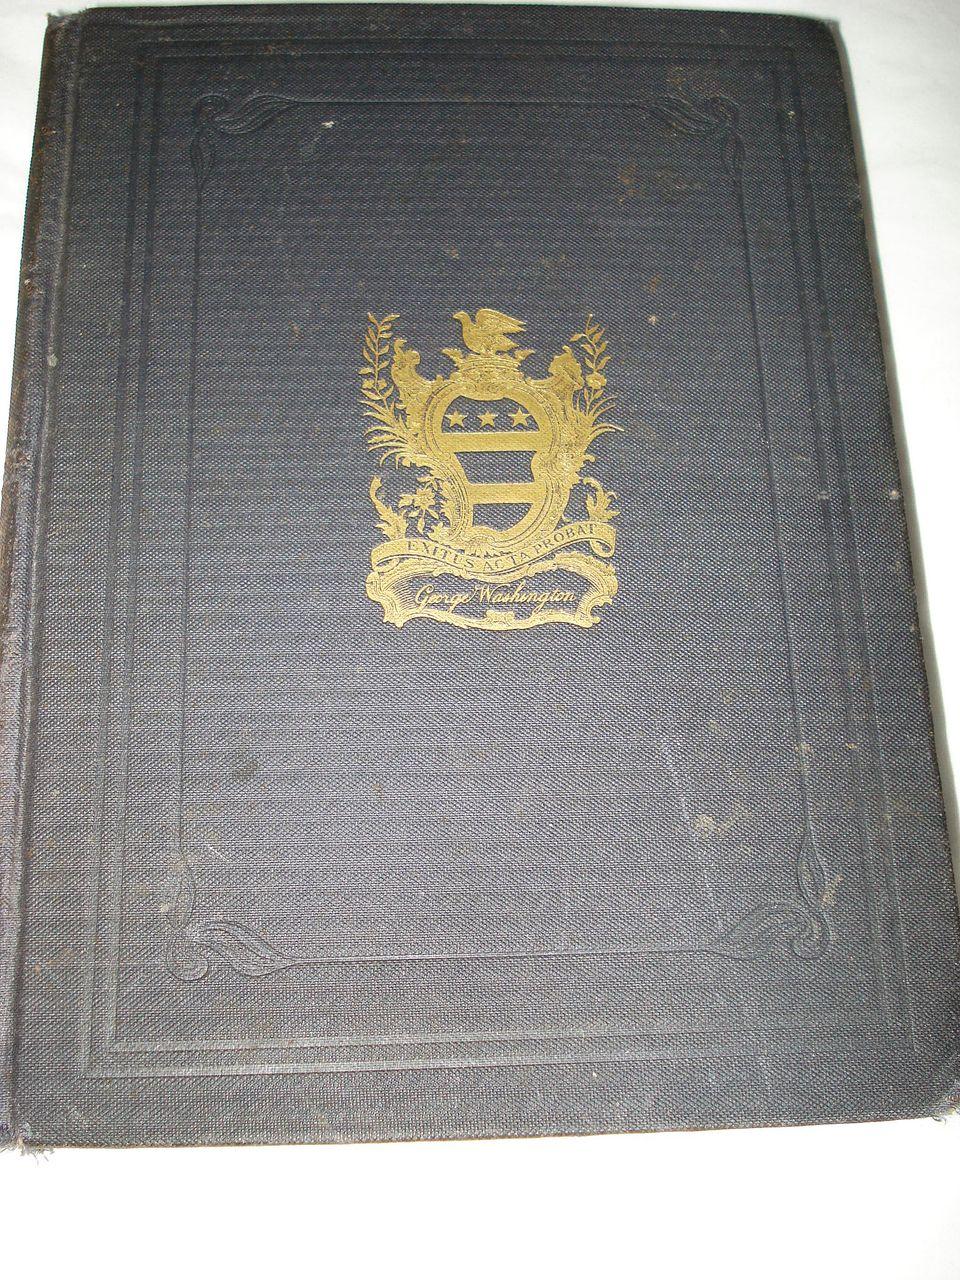 Antique Rare Book Washington The Man and The Mason